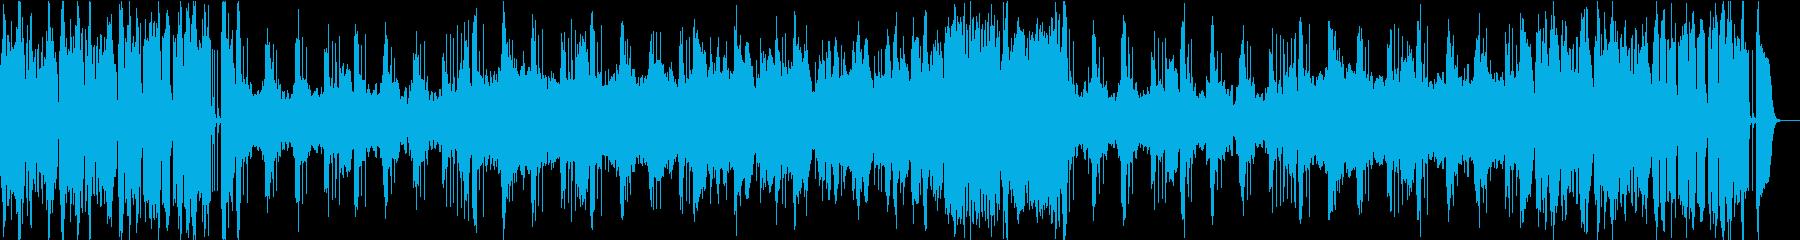 山あり谷ありな雰囲気のBGMの再生済みの波形